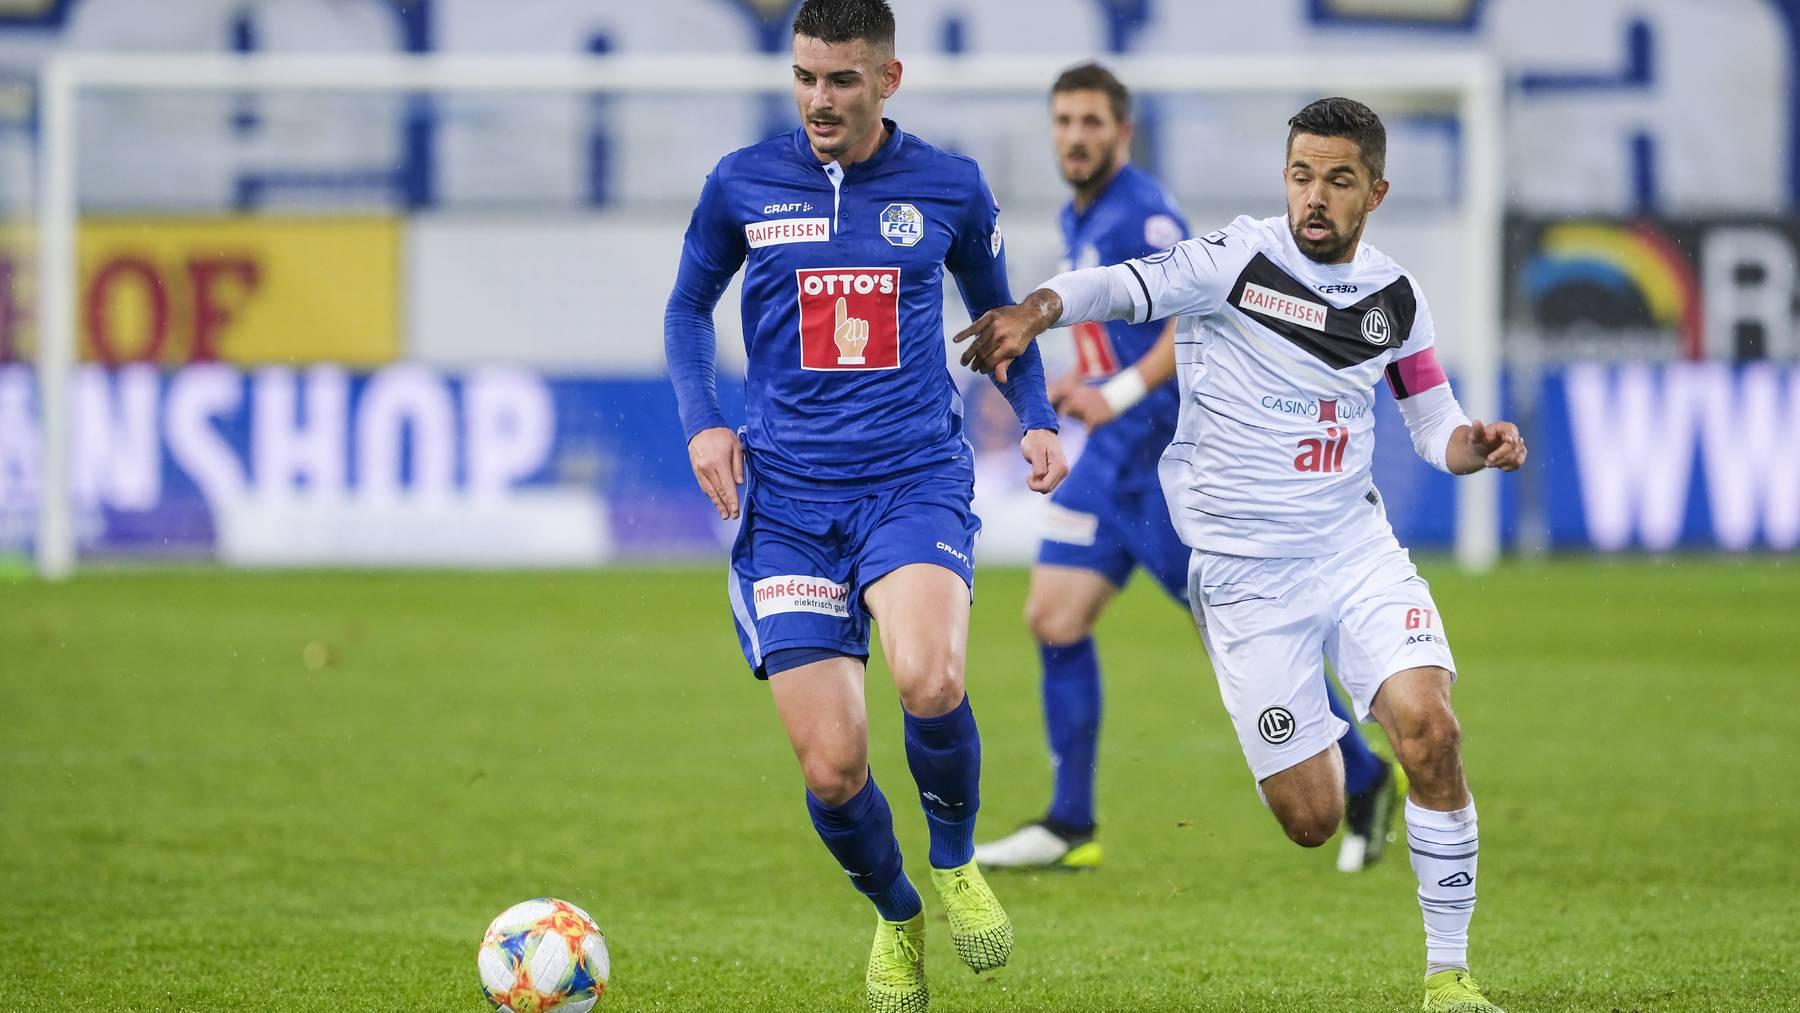 Niederlage: Der FC Luzern verliert gegen Lugano